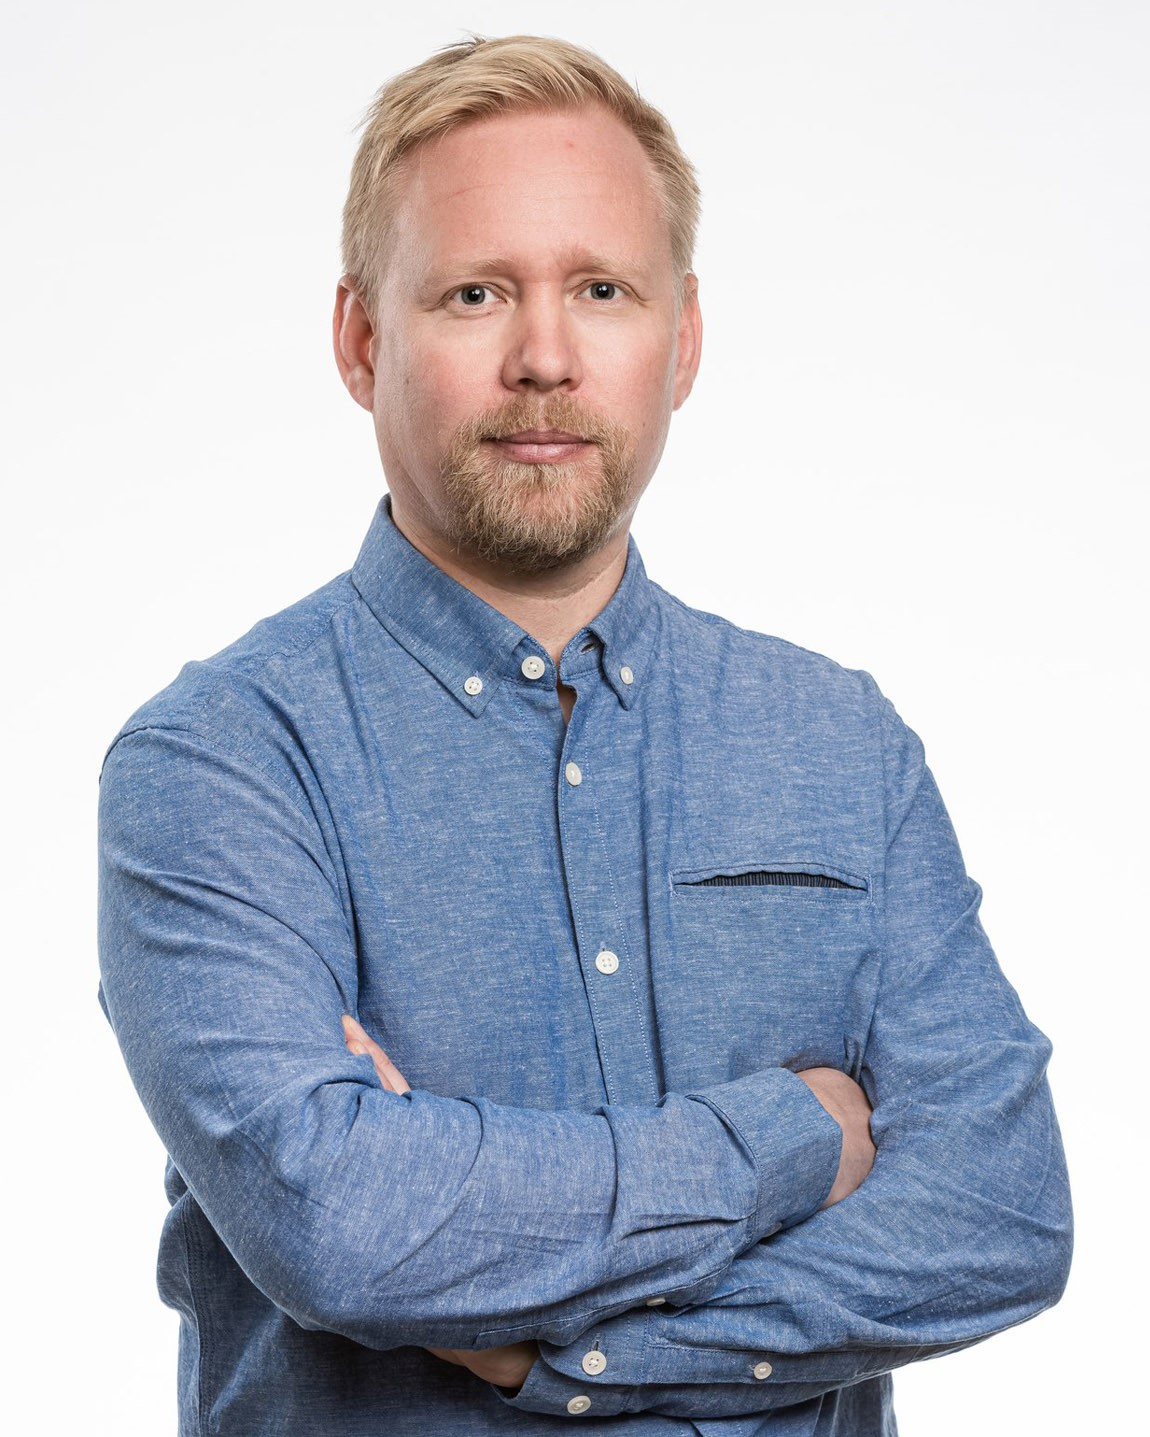 Jan-Markus Heikkinen, Huoltopäällikkö